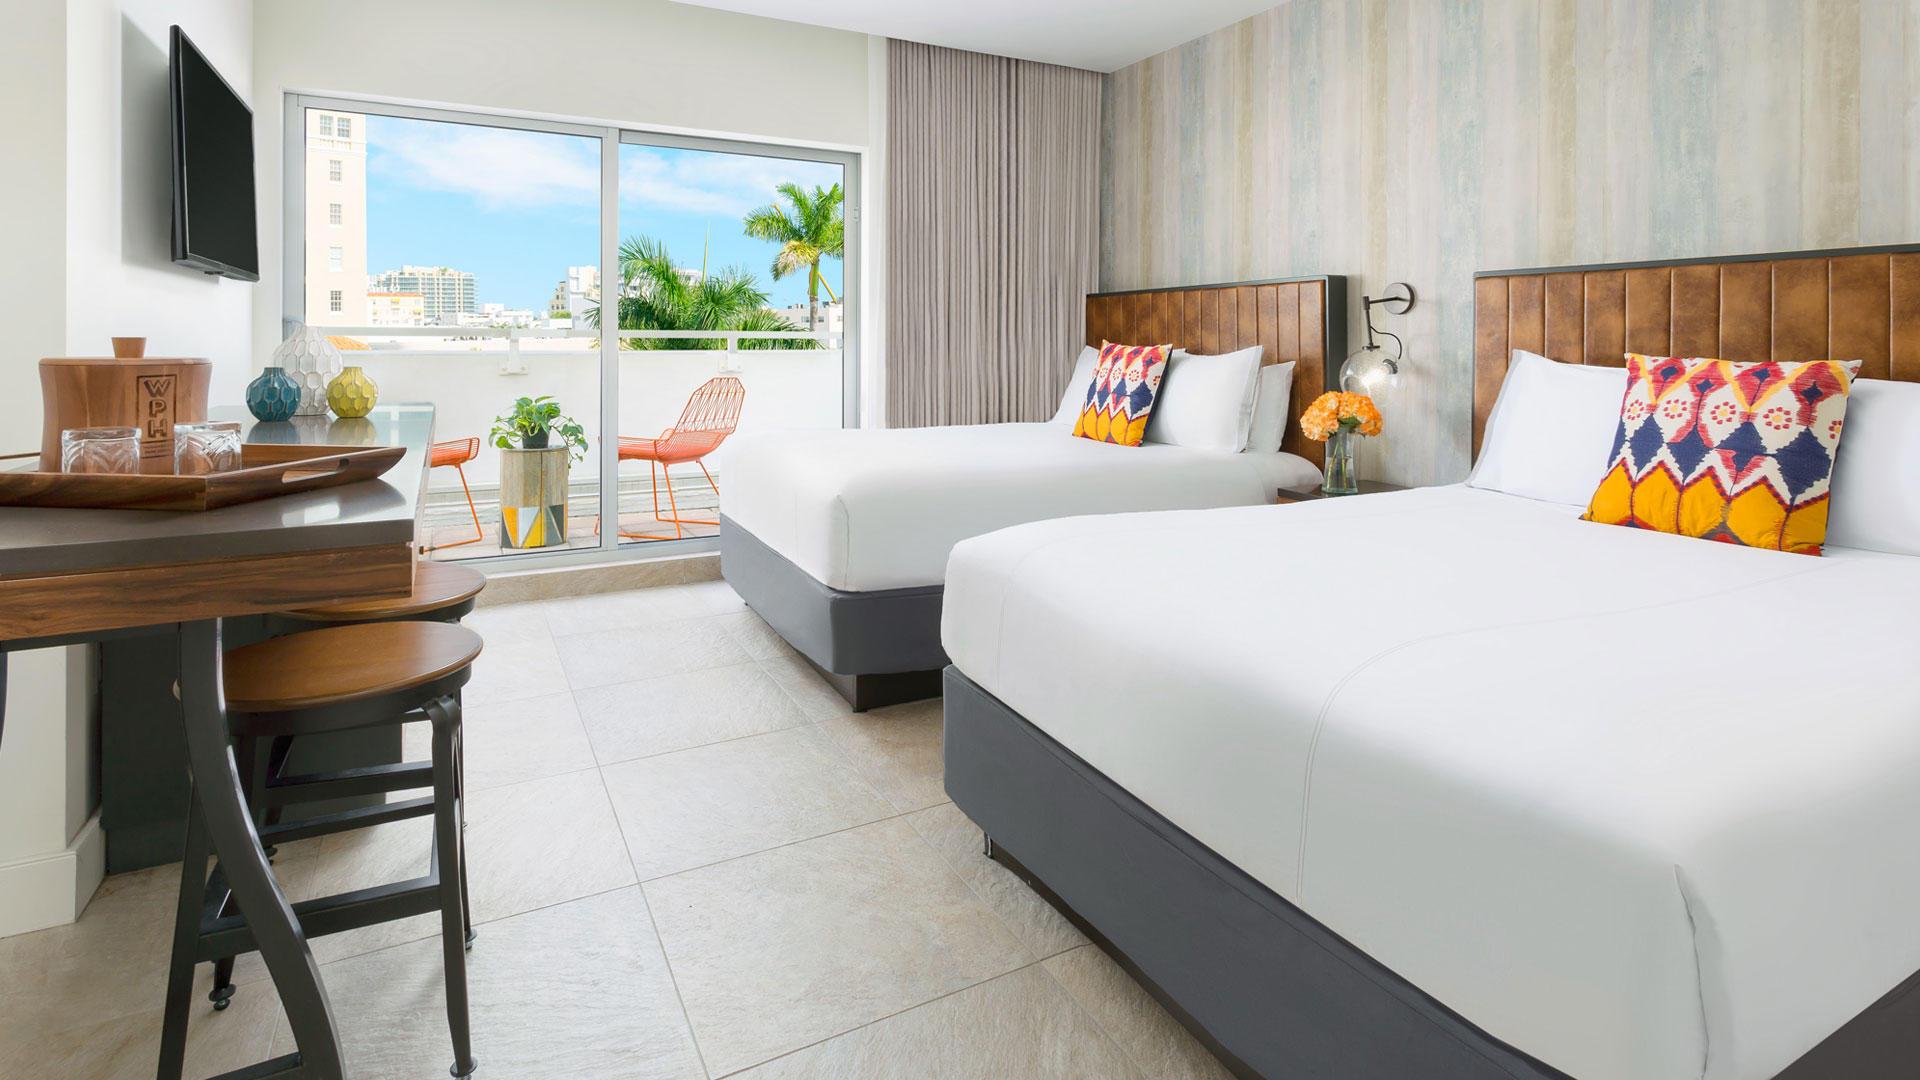 Washington Park Hotel image 1